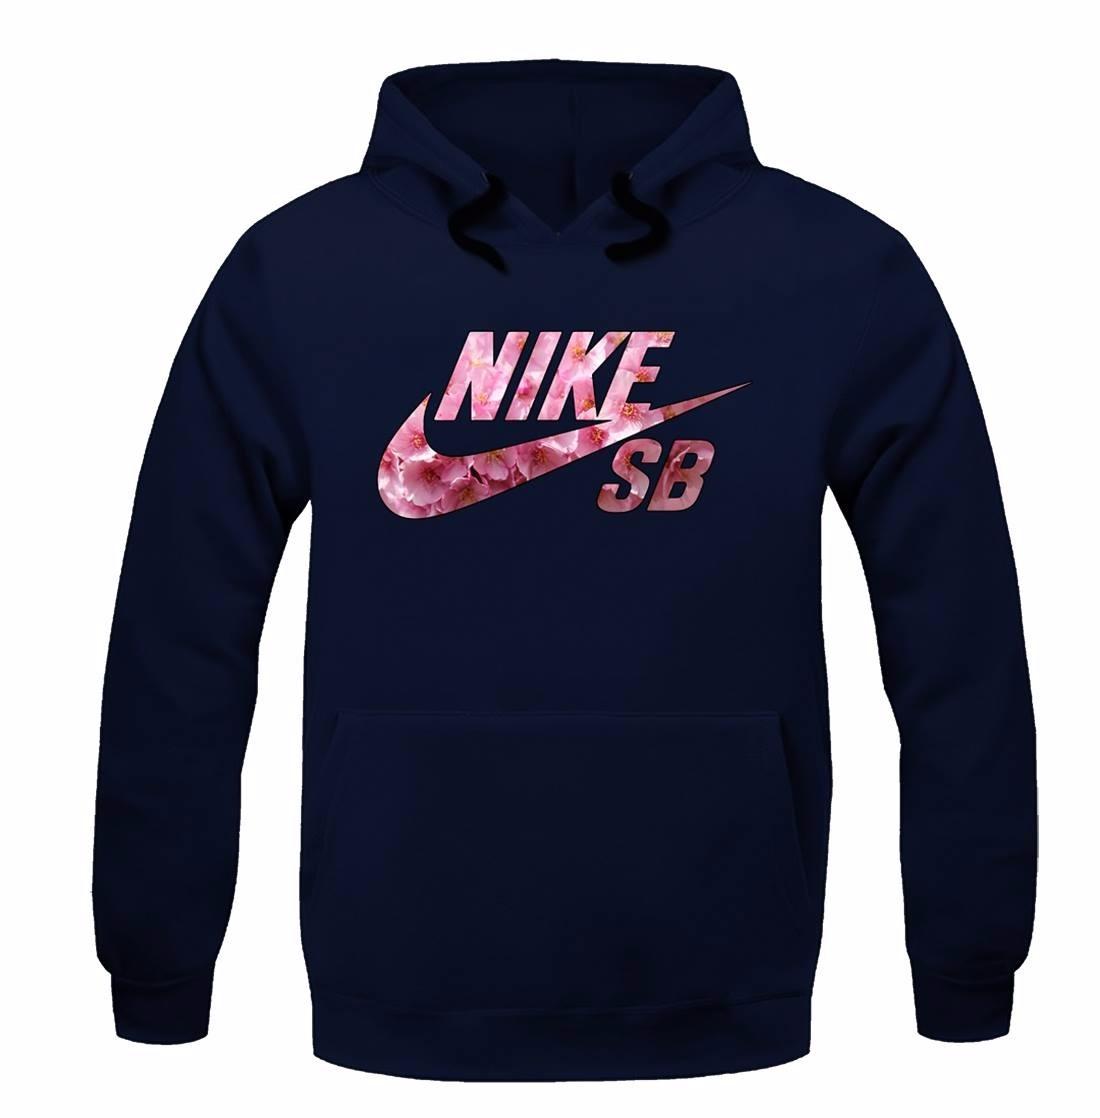 db1e146703d blusa moletom nike sb feminino - casaco de frio 2 unidades. Carregando zoom.